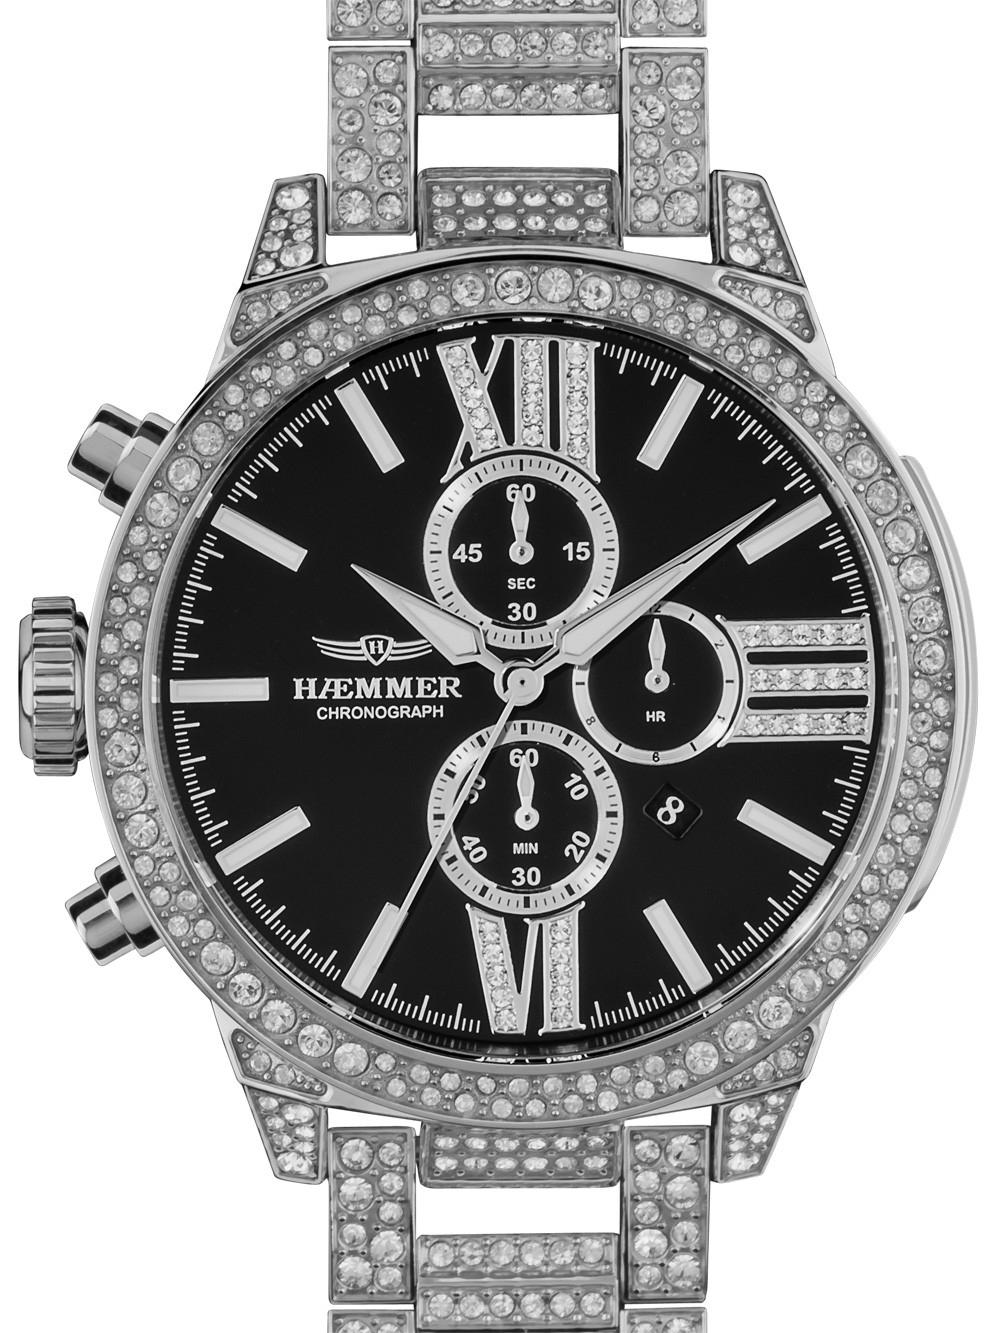 ceas de dama haemmer u-100 unique chrono 45mm 10atm